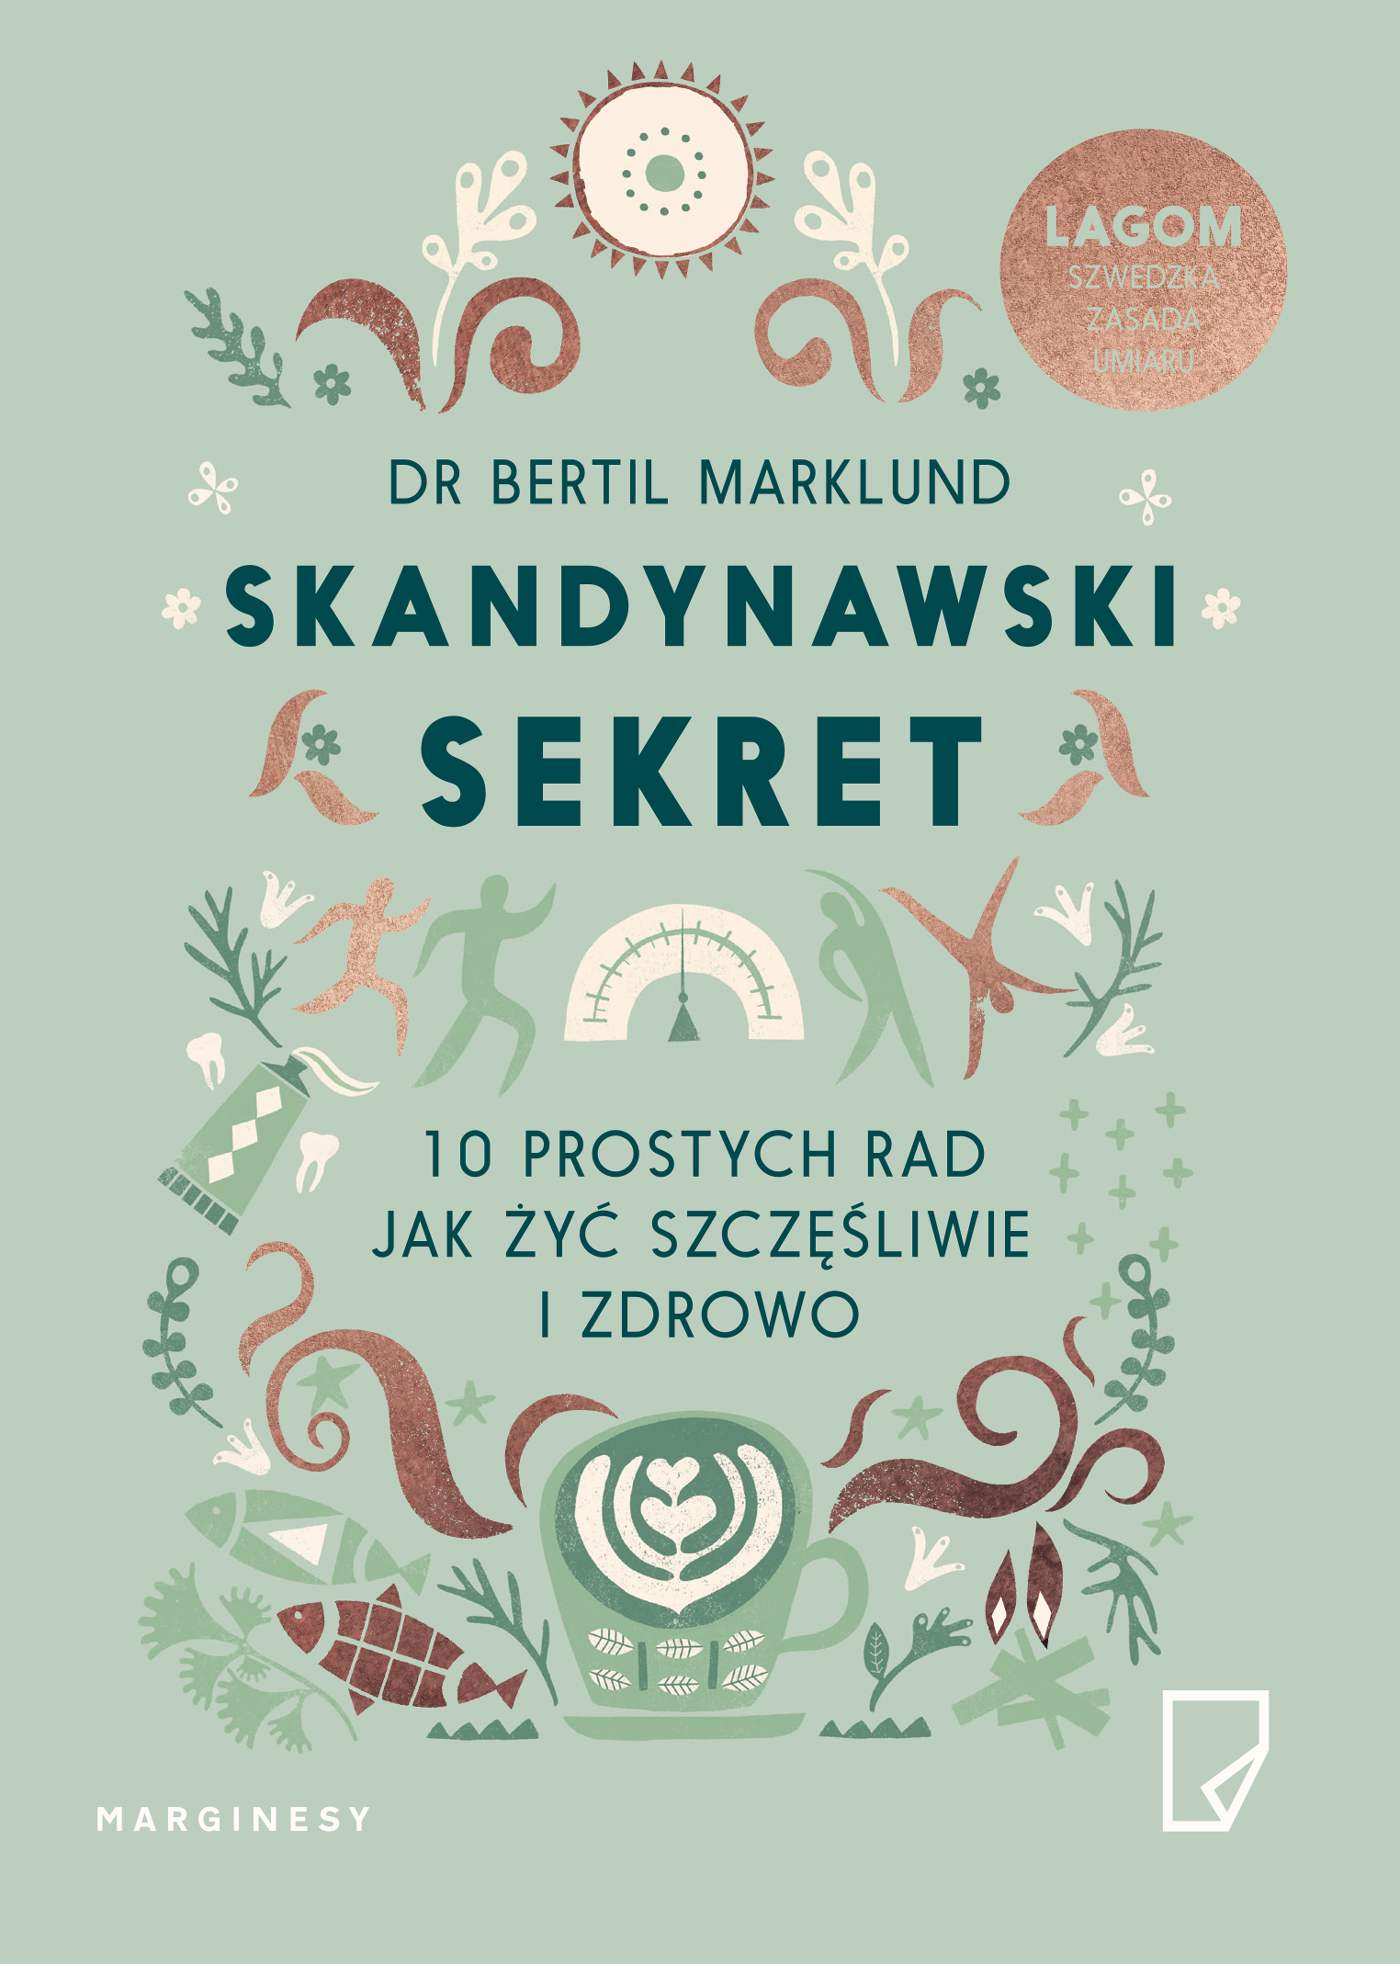 Skandynawski sekret. 10 prostych rad, jak żyć szczęśliwie i zdrowo - Ebook (Książka na Kindle) do pobrania w formacie MOBI